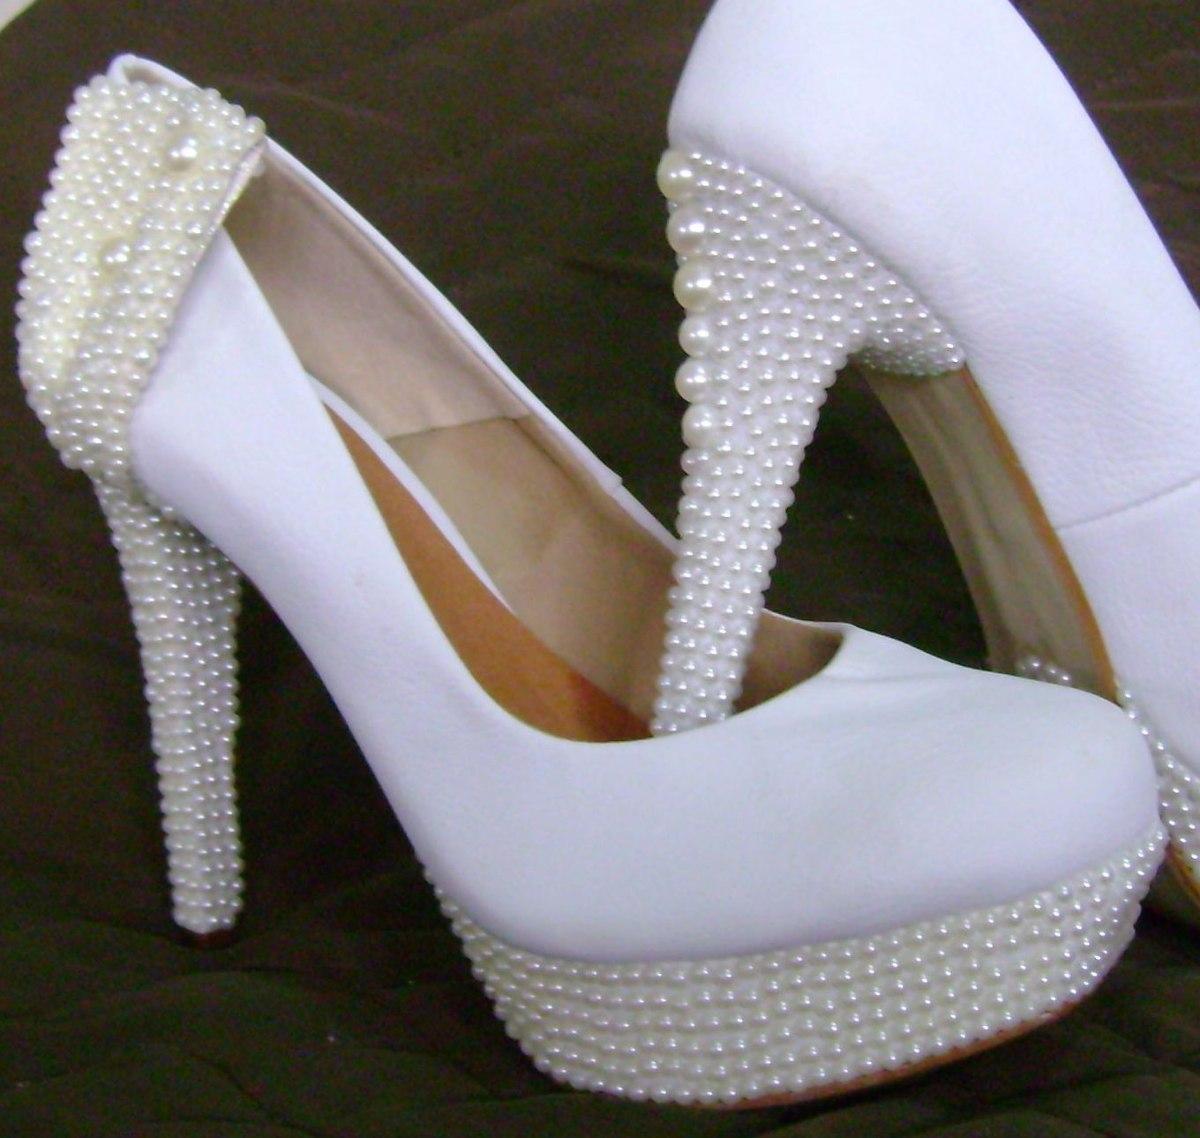 77dd70fbe sapato de noiva customizado com pérolas. casamento perfeito! Carregando  zoom.